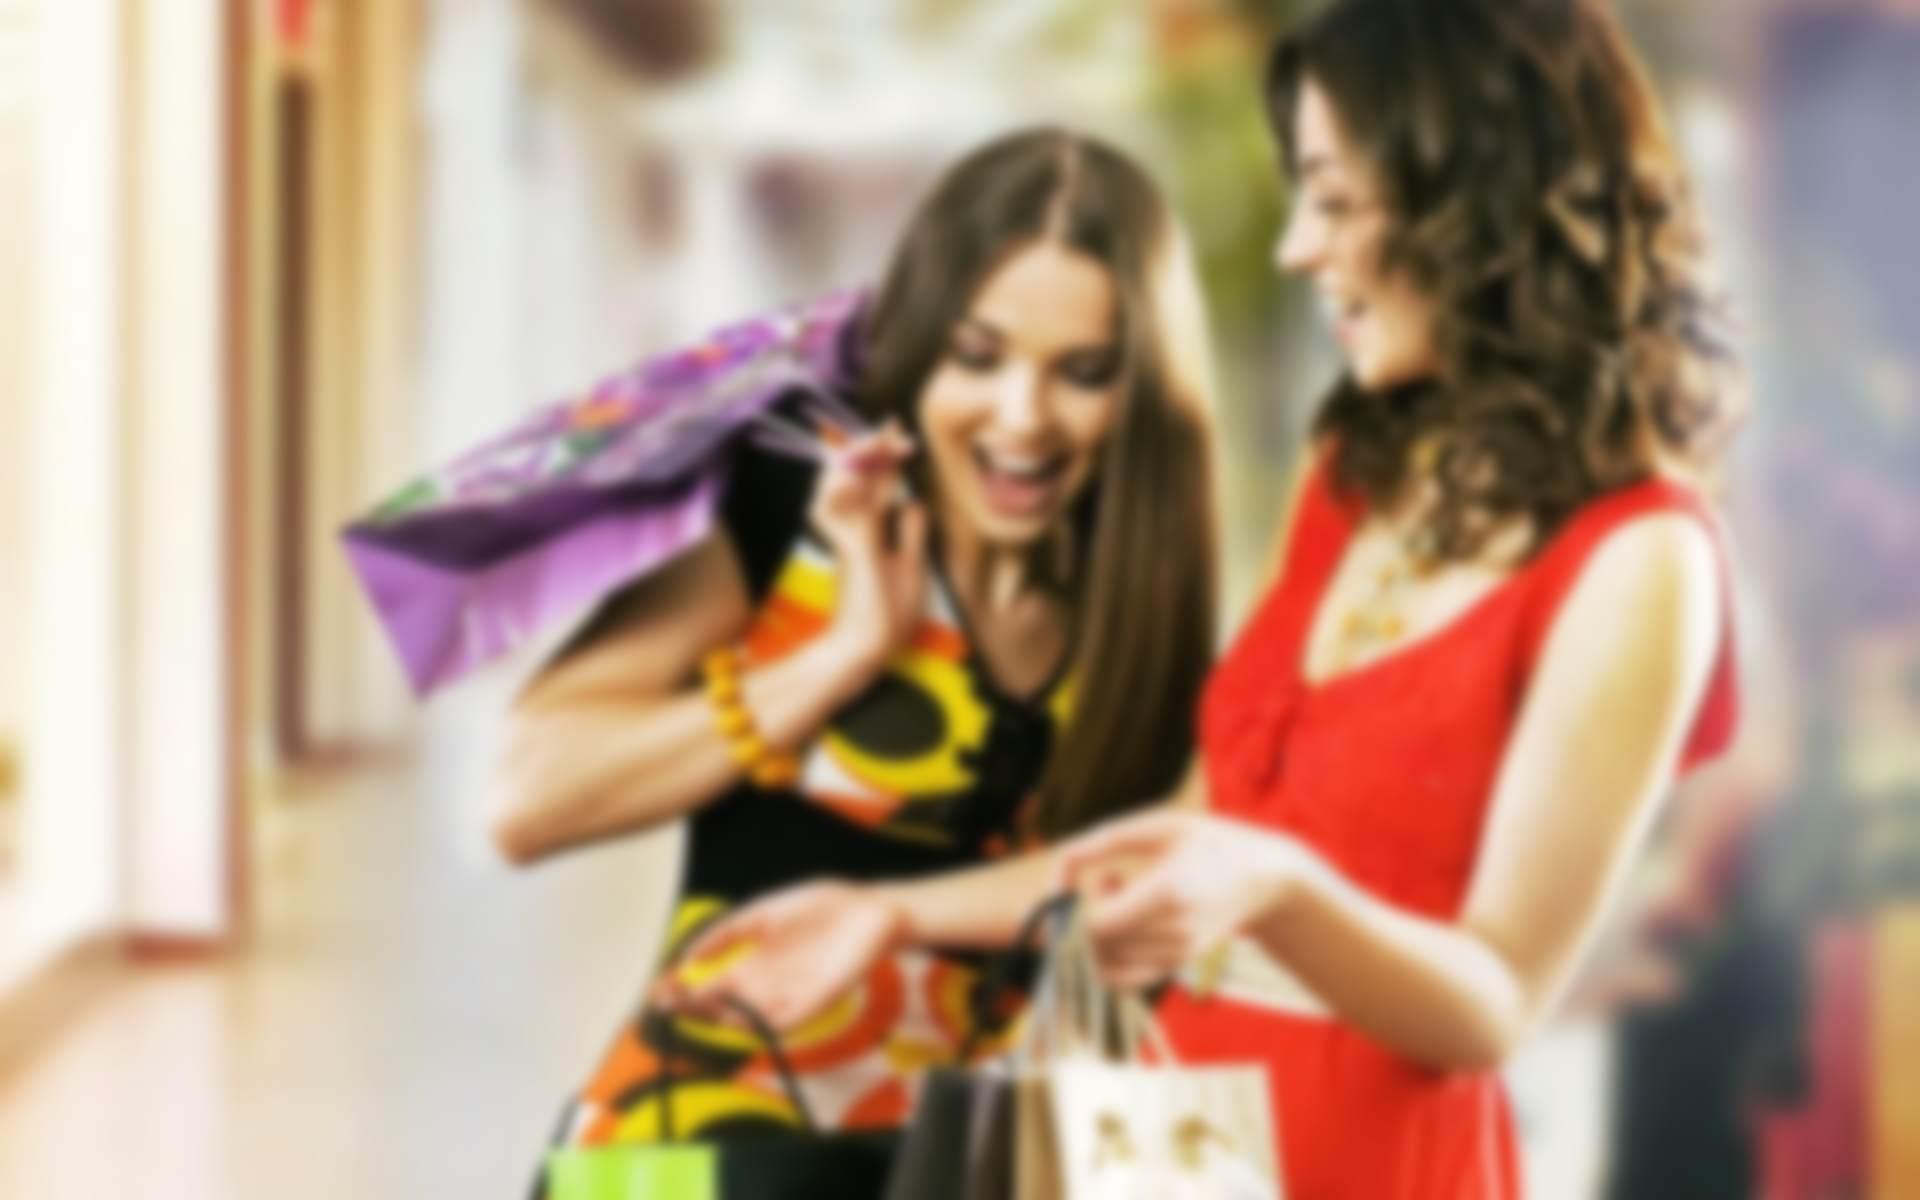 Картинки с одеждой для магазина